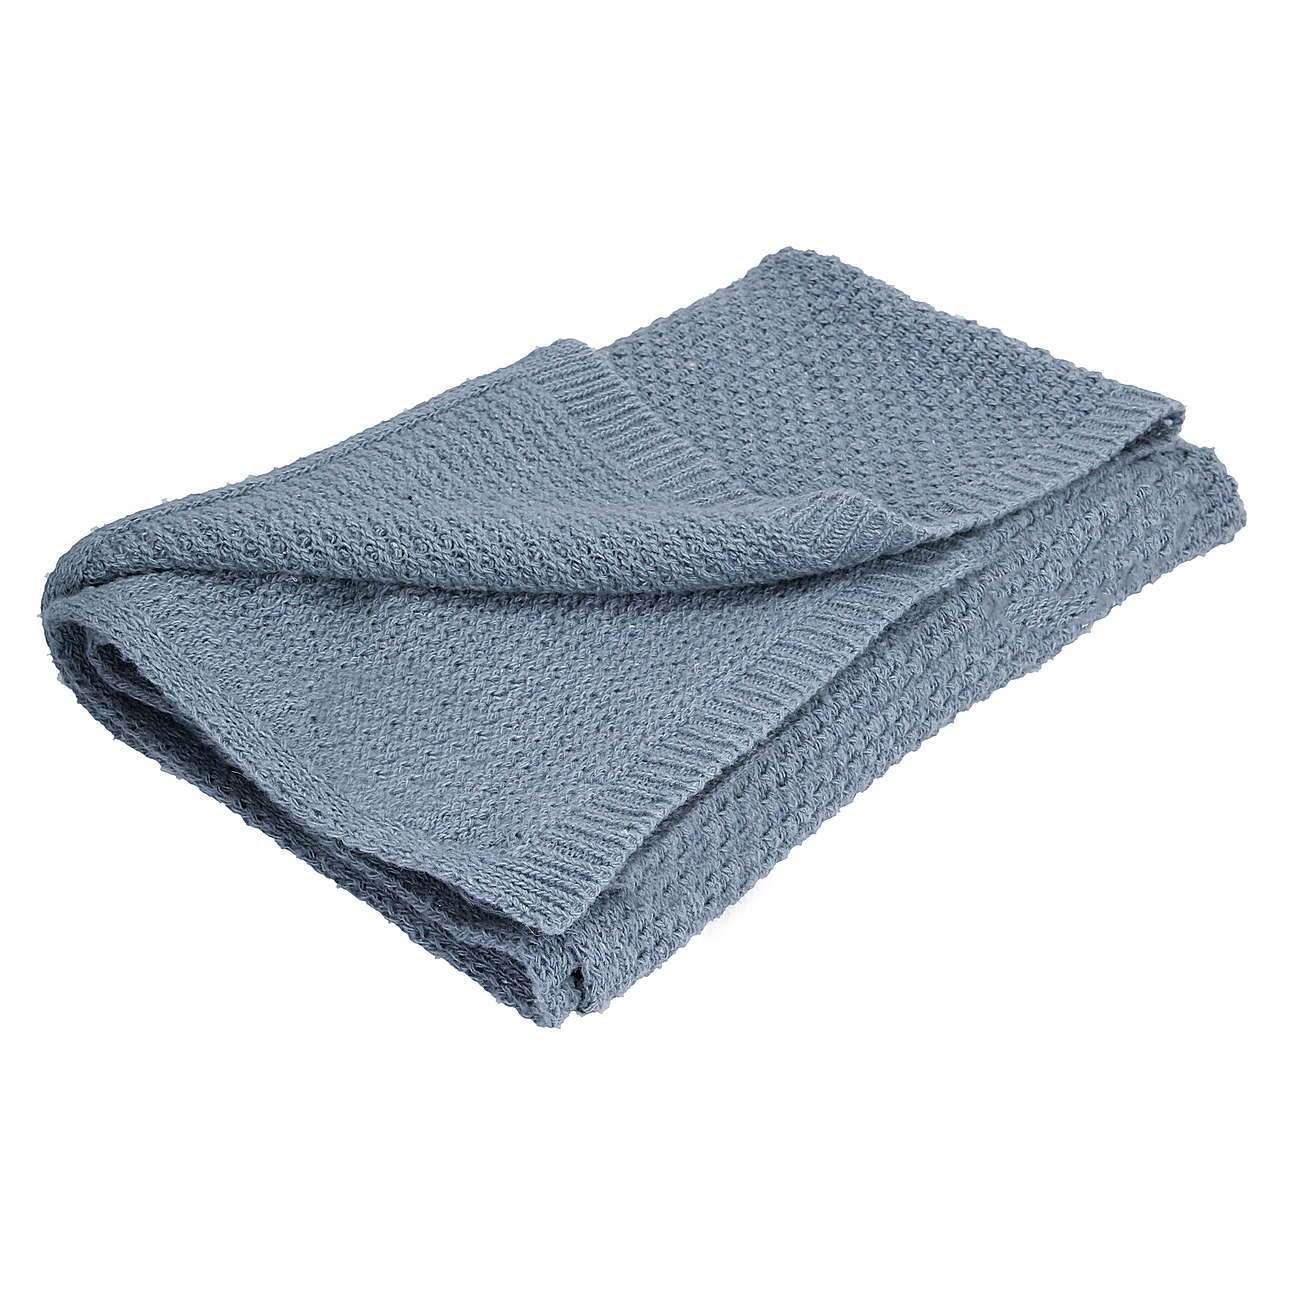 Woolly grey pledas